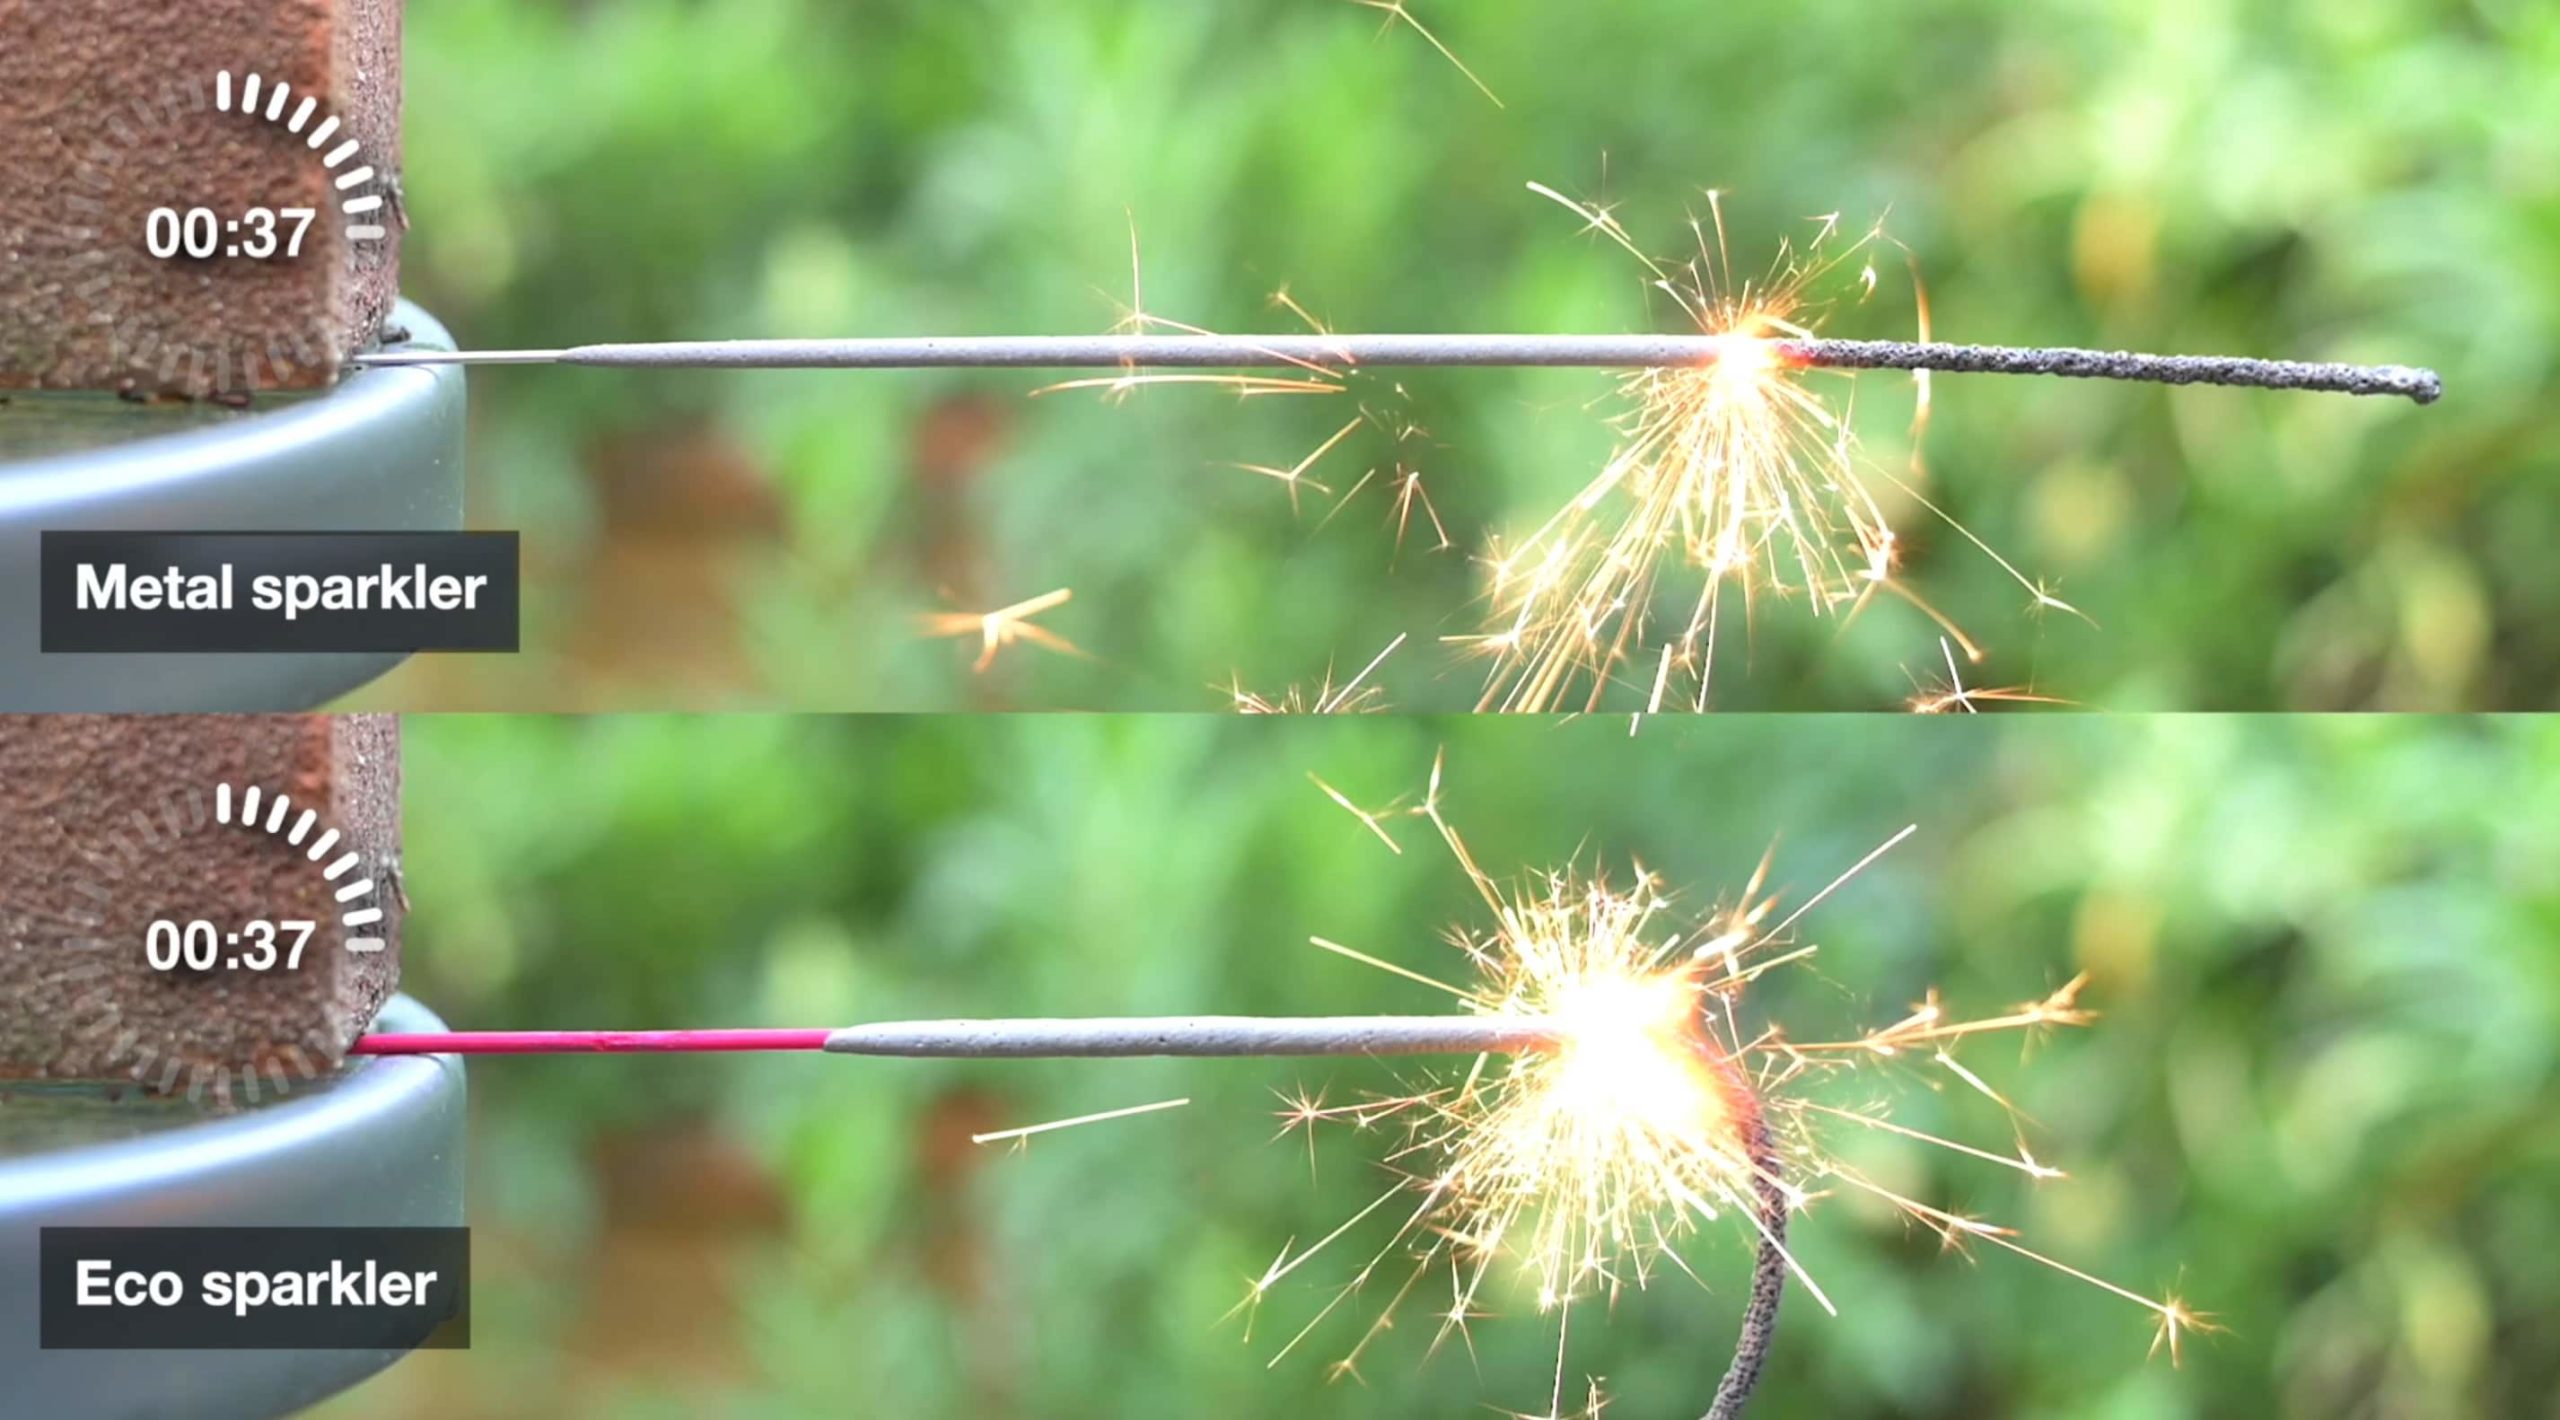 ECO wooden sparkler vs. metal sparkler